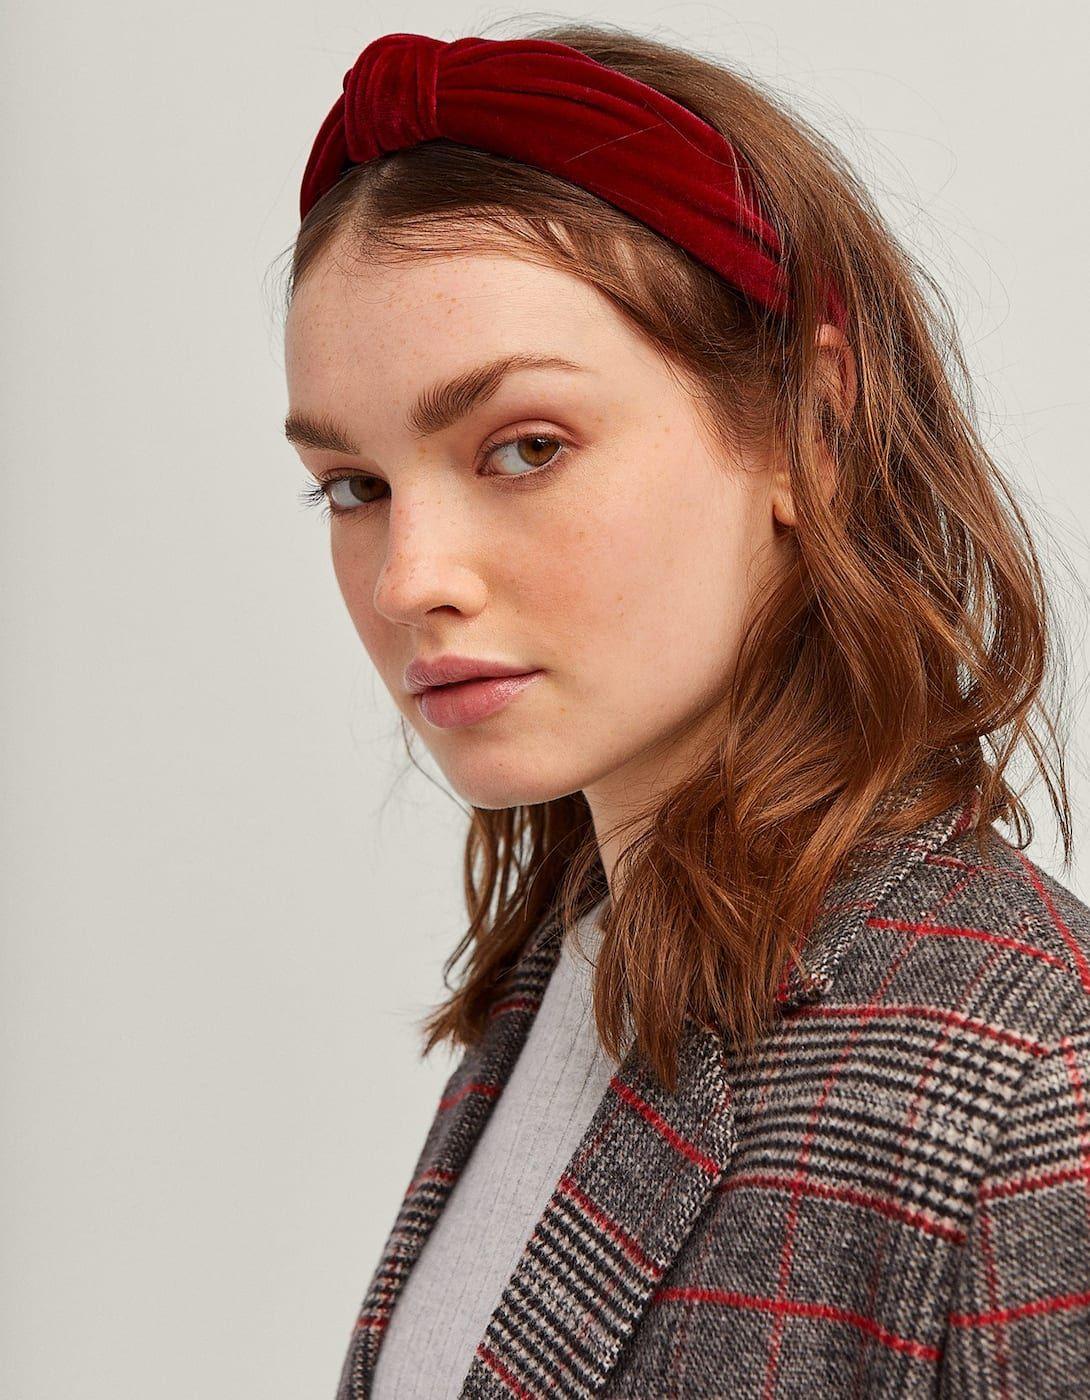 bonne vente meilleurs prix Conception innovante Rigid velvet headband | Accessorize | Serre tête, Bandeau et ...